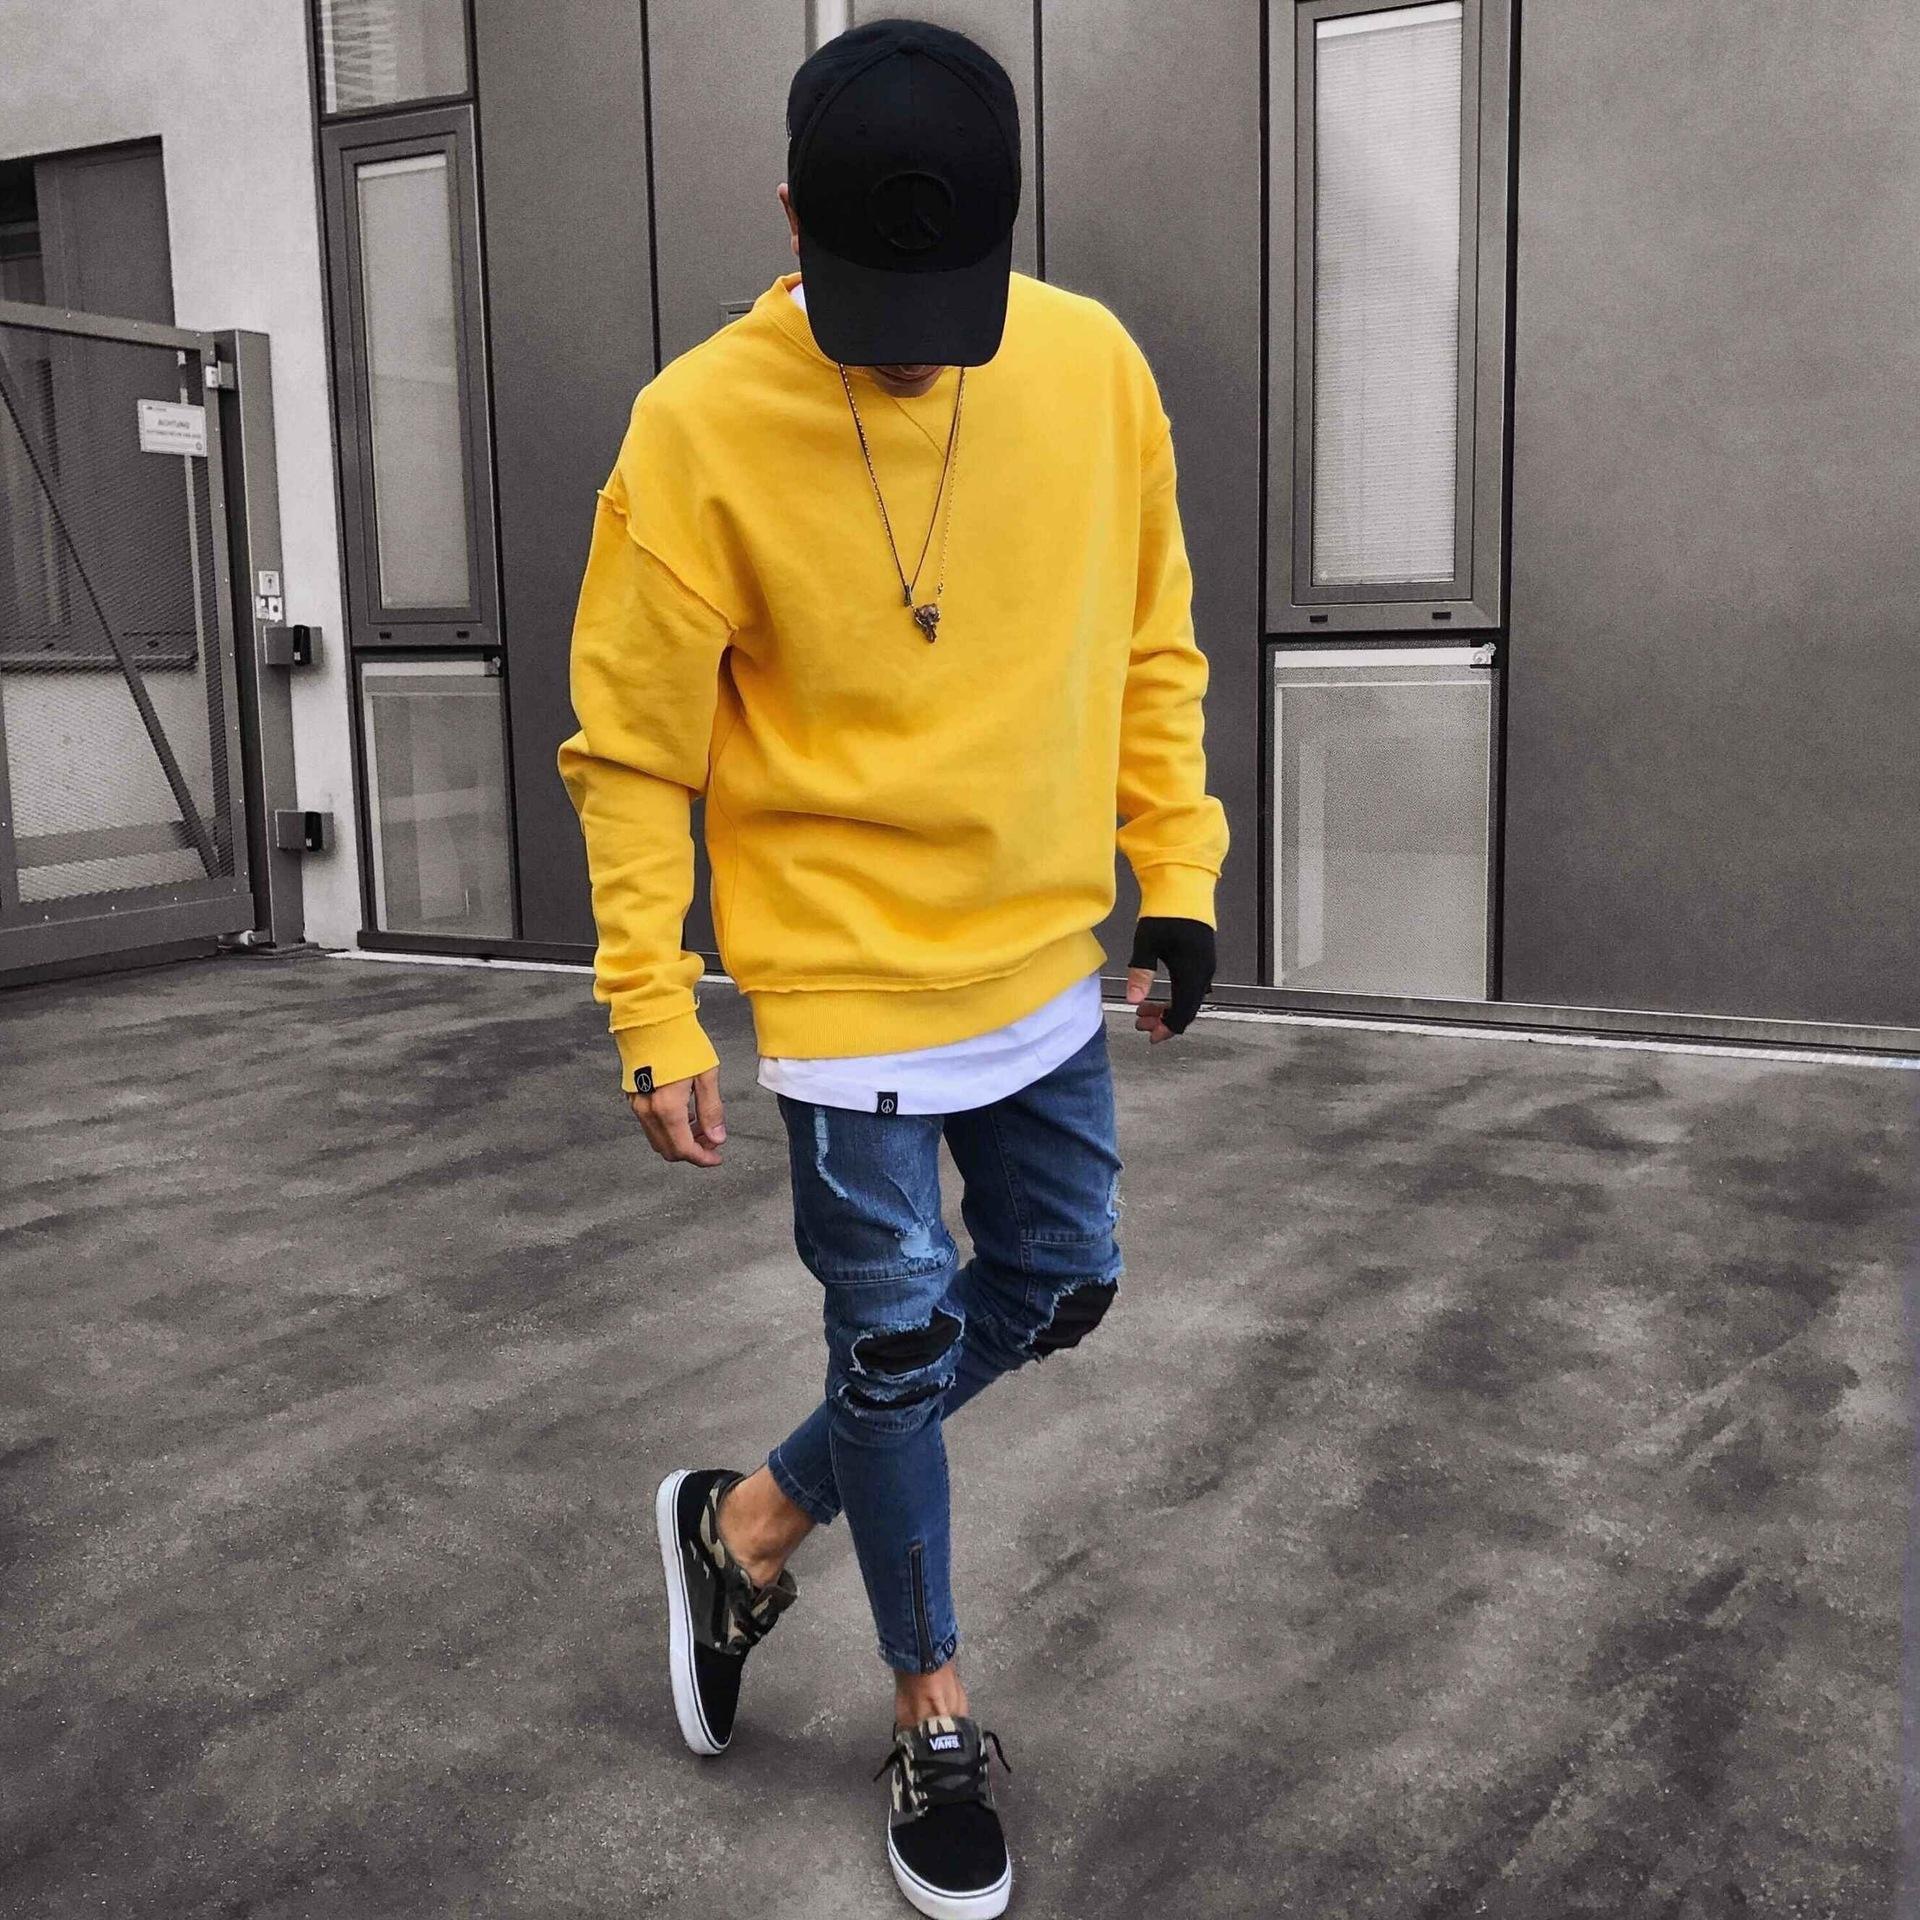 Mens конструктора джинсовые голубые джинсы кроссировочных Мода Мужской Rapper Скейтборд Байкер Карандаш джинсы